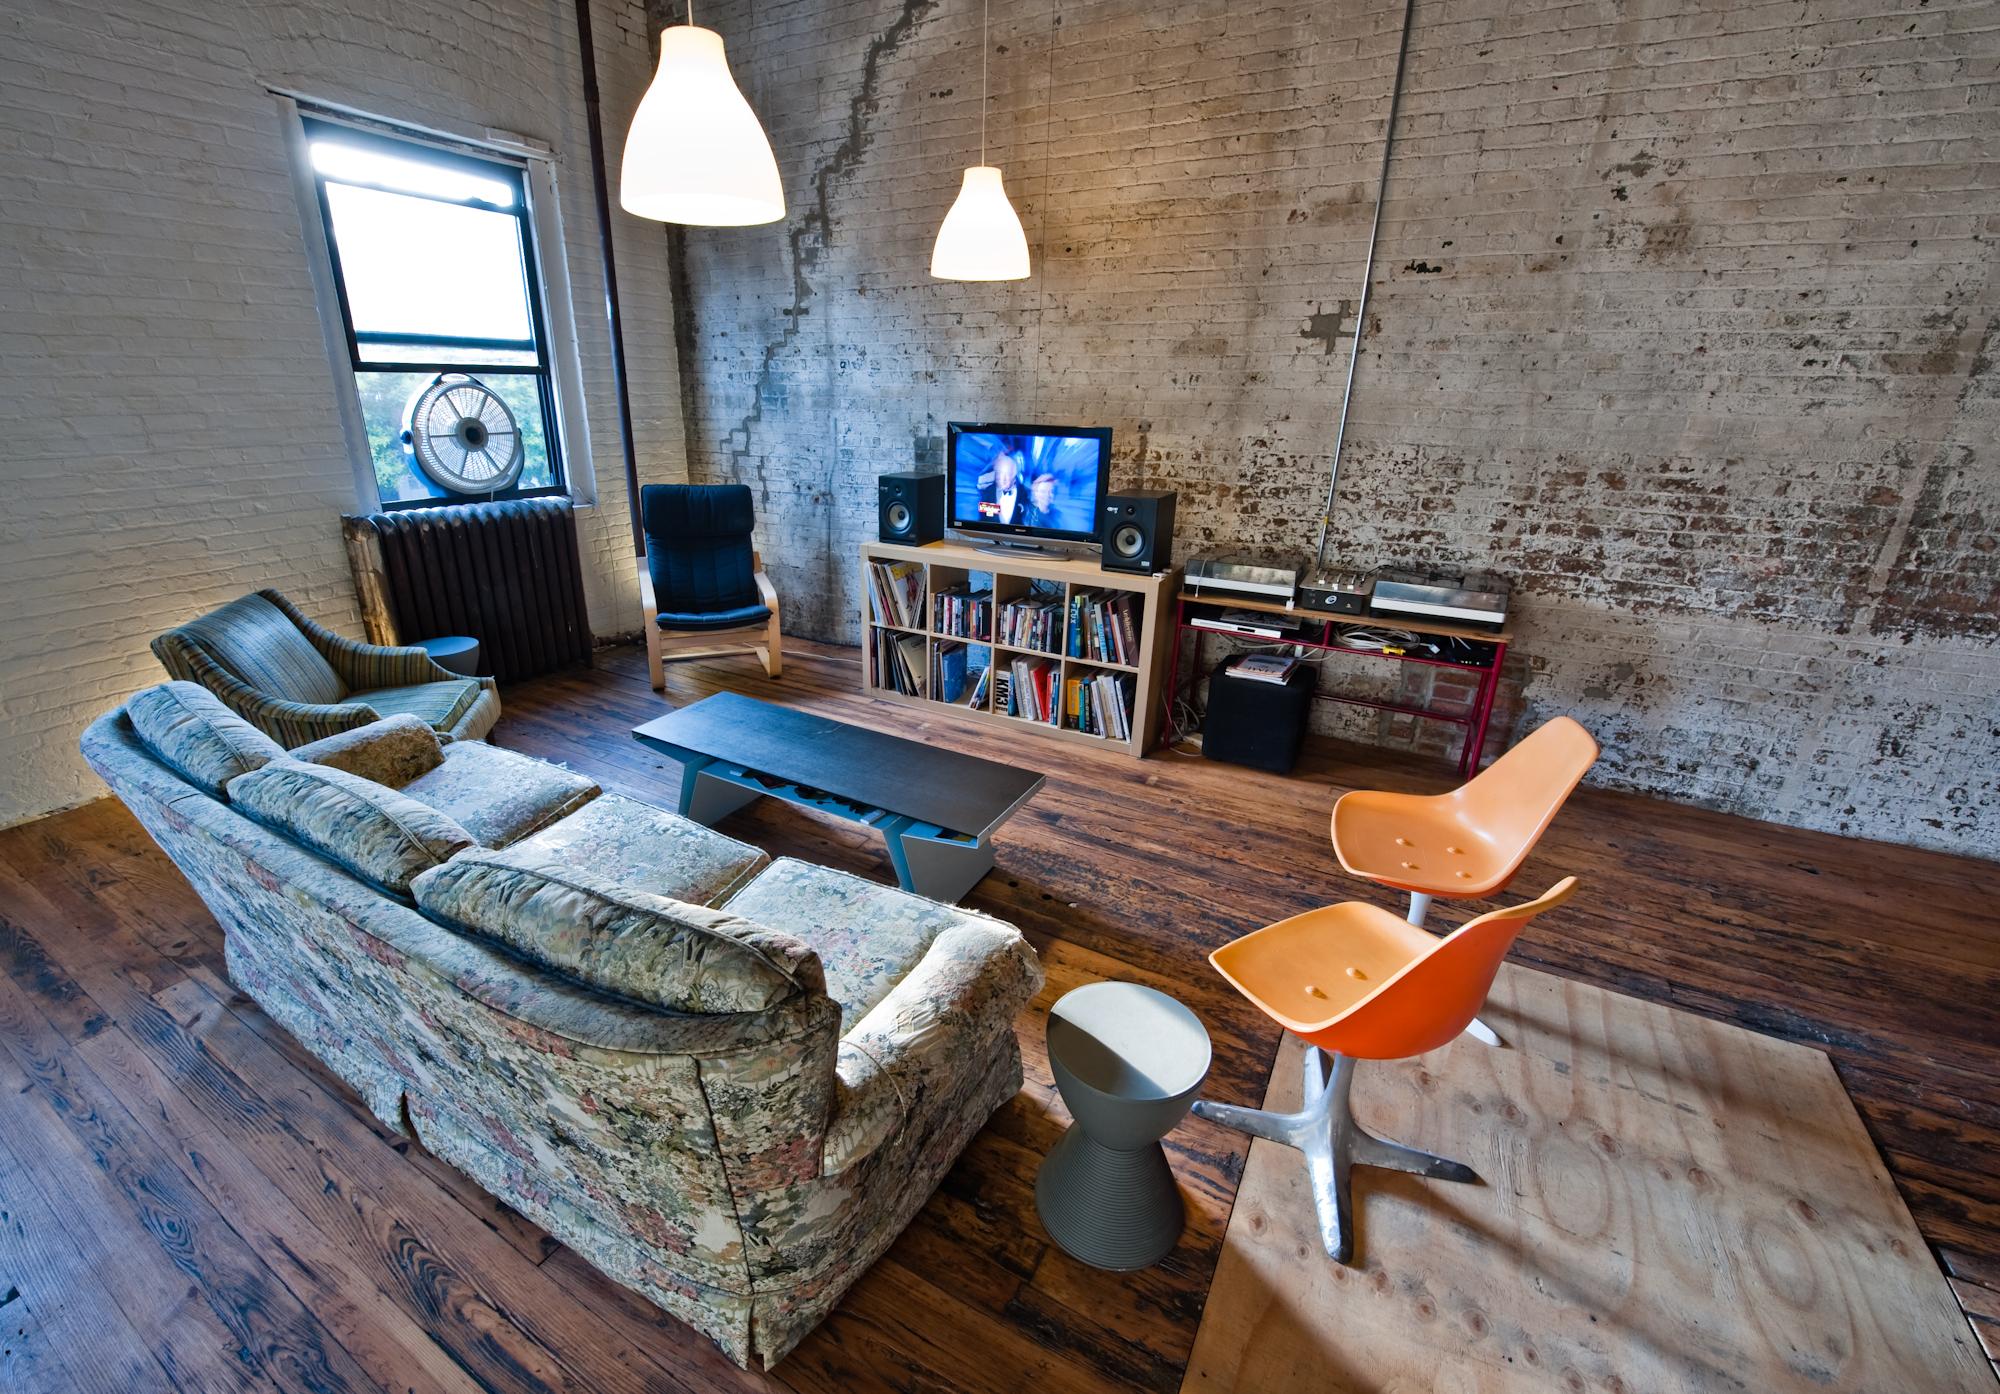 Lofts new-yorkais de puristes dans l'esprit des années 70